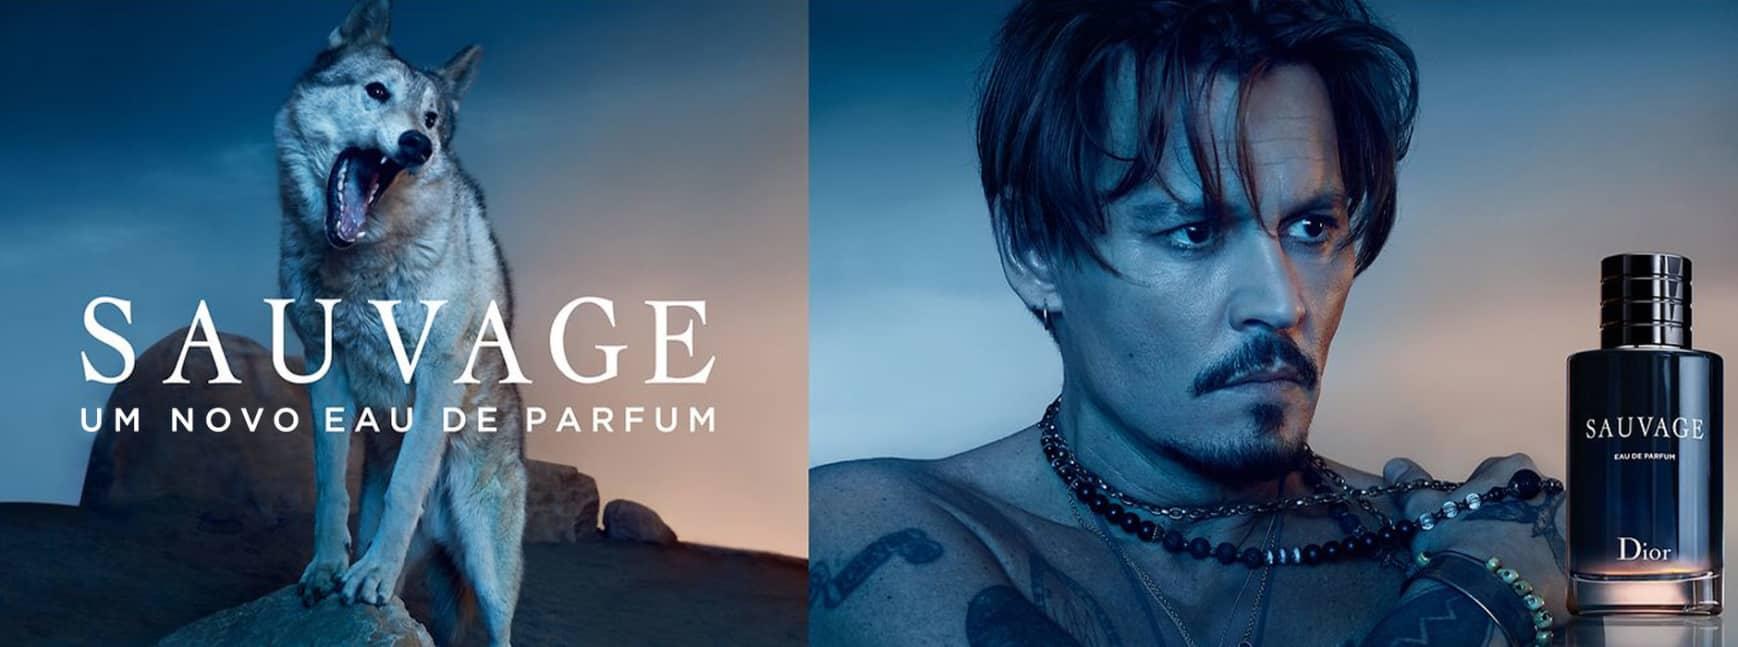 Dior: Sauvage Eau de Parfum